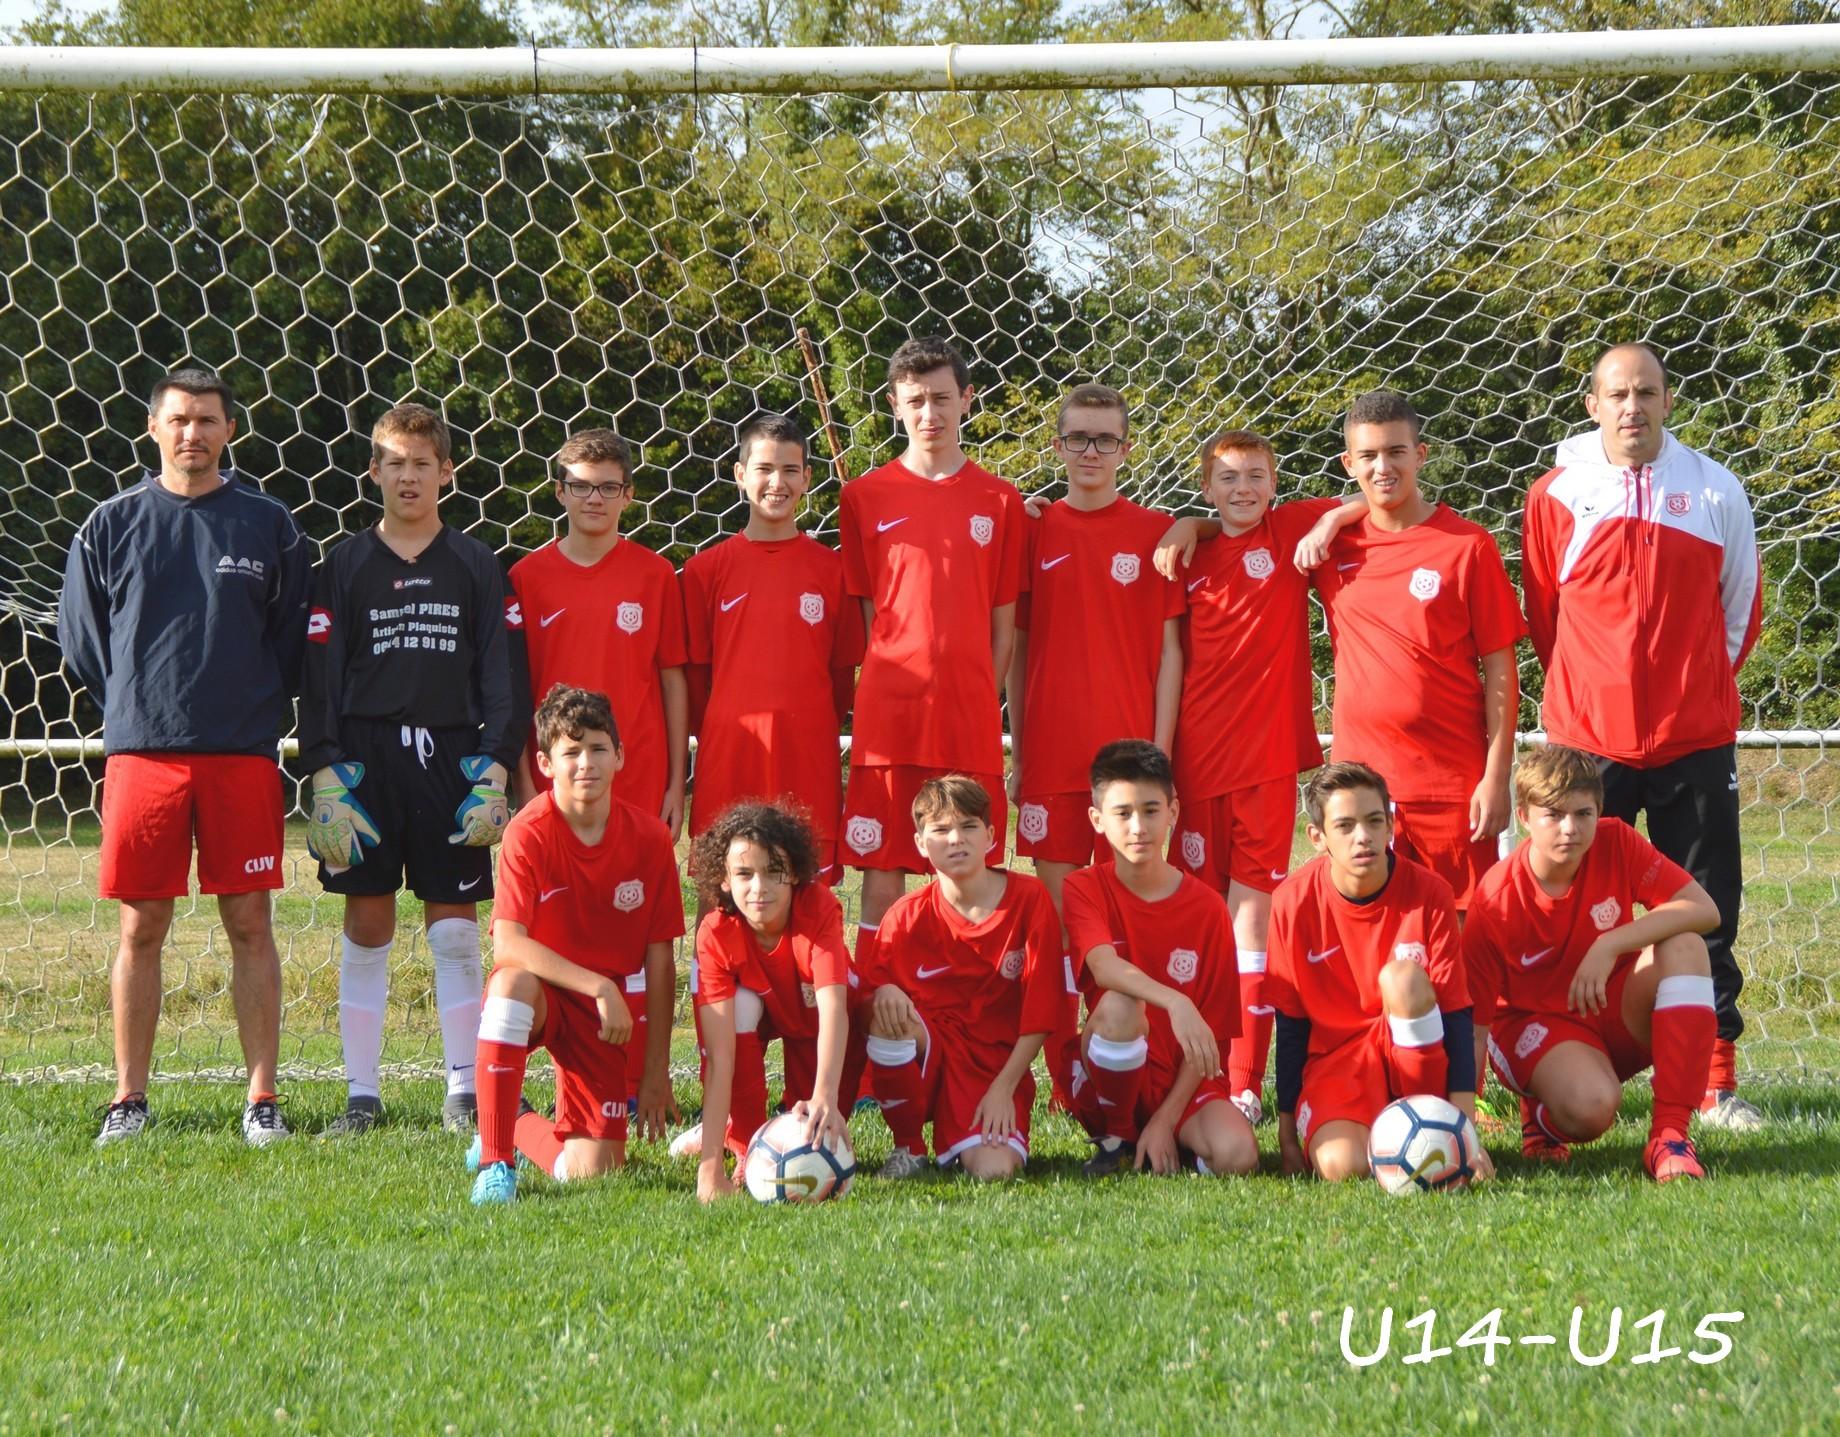 U14-U15